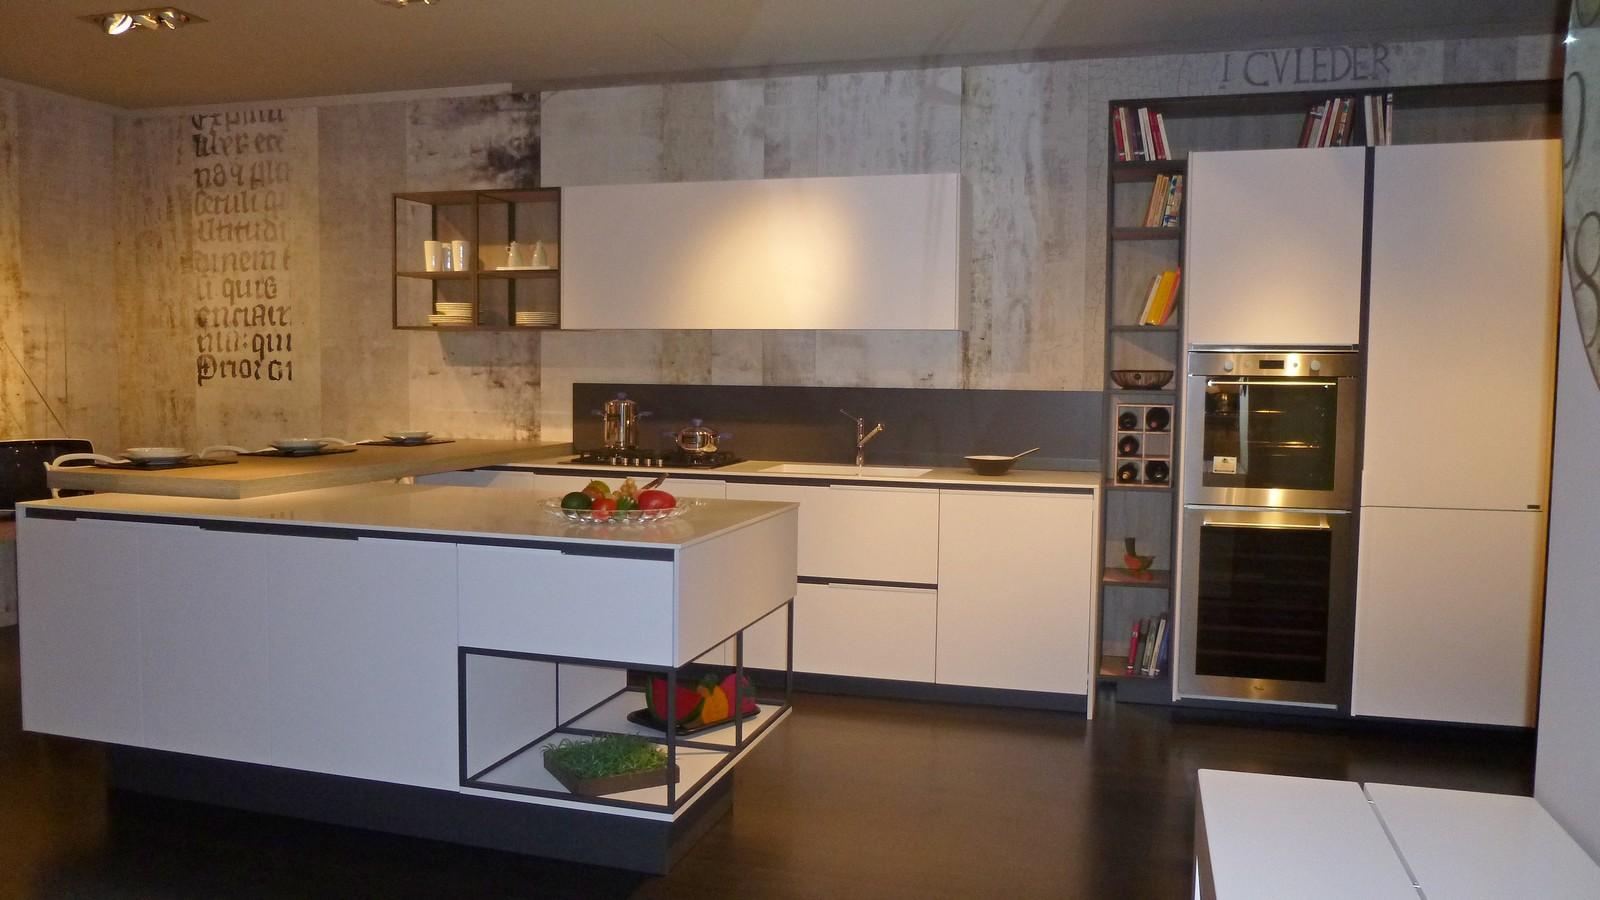 Arredamento Cucina Moderna Con Isola   Arredamento Cucina Moderna ...